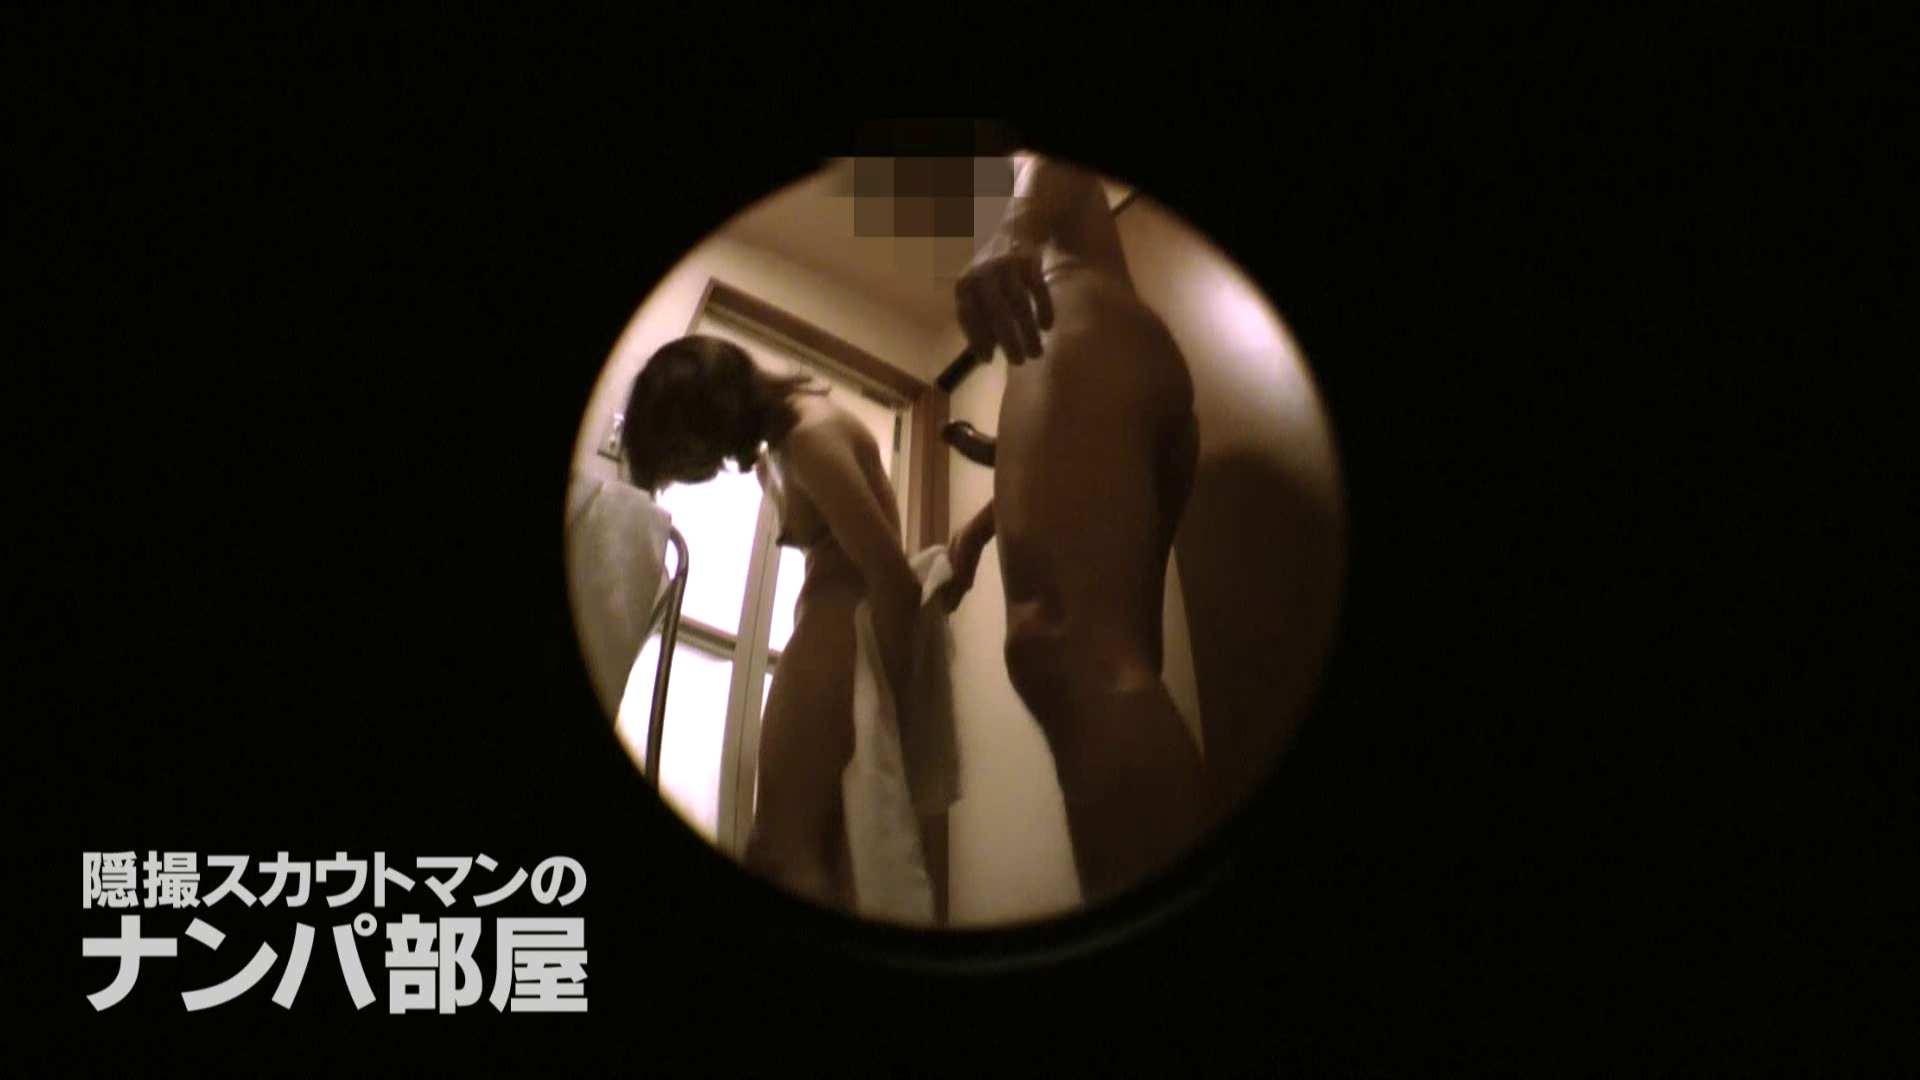 隠撮スカウトマンのナンパ部屋~風俗デビュー前のつまみ食い~ siivol.4 リアルSEX SEX無修正画像 57PIX 28